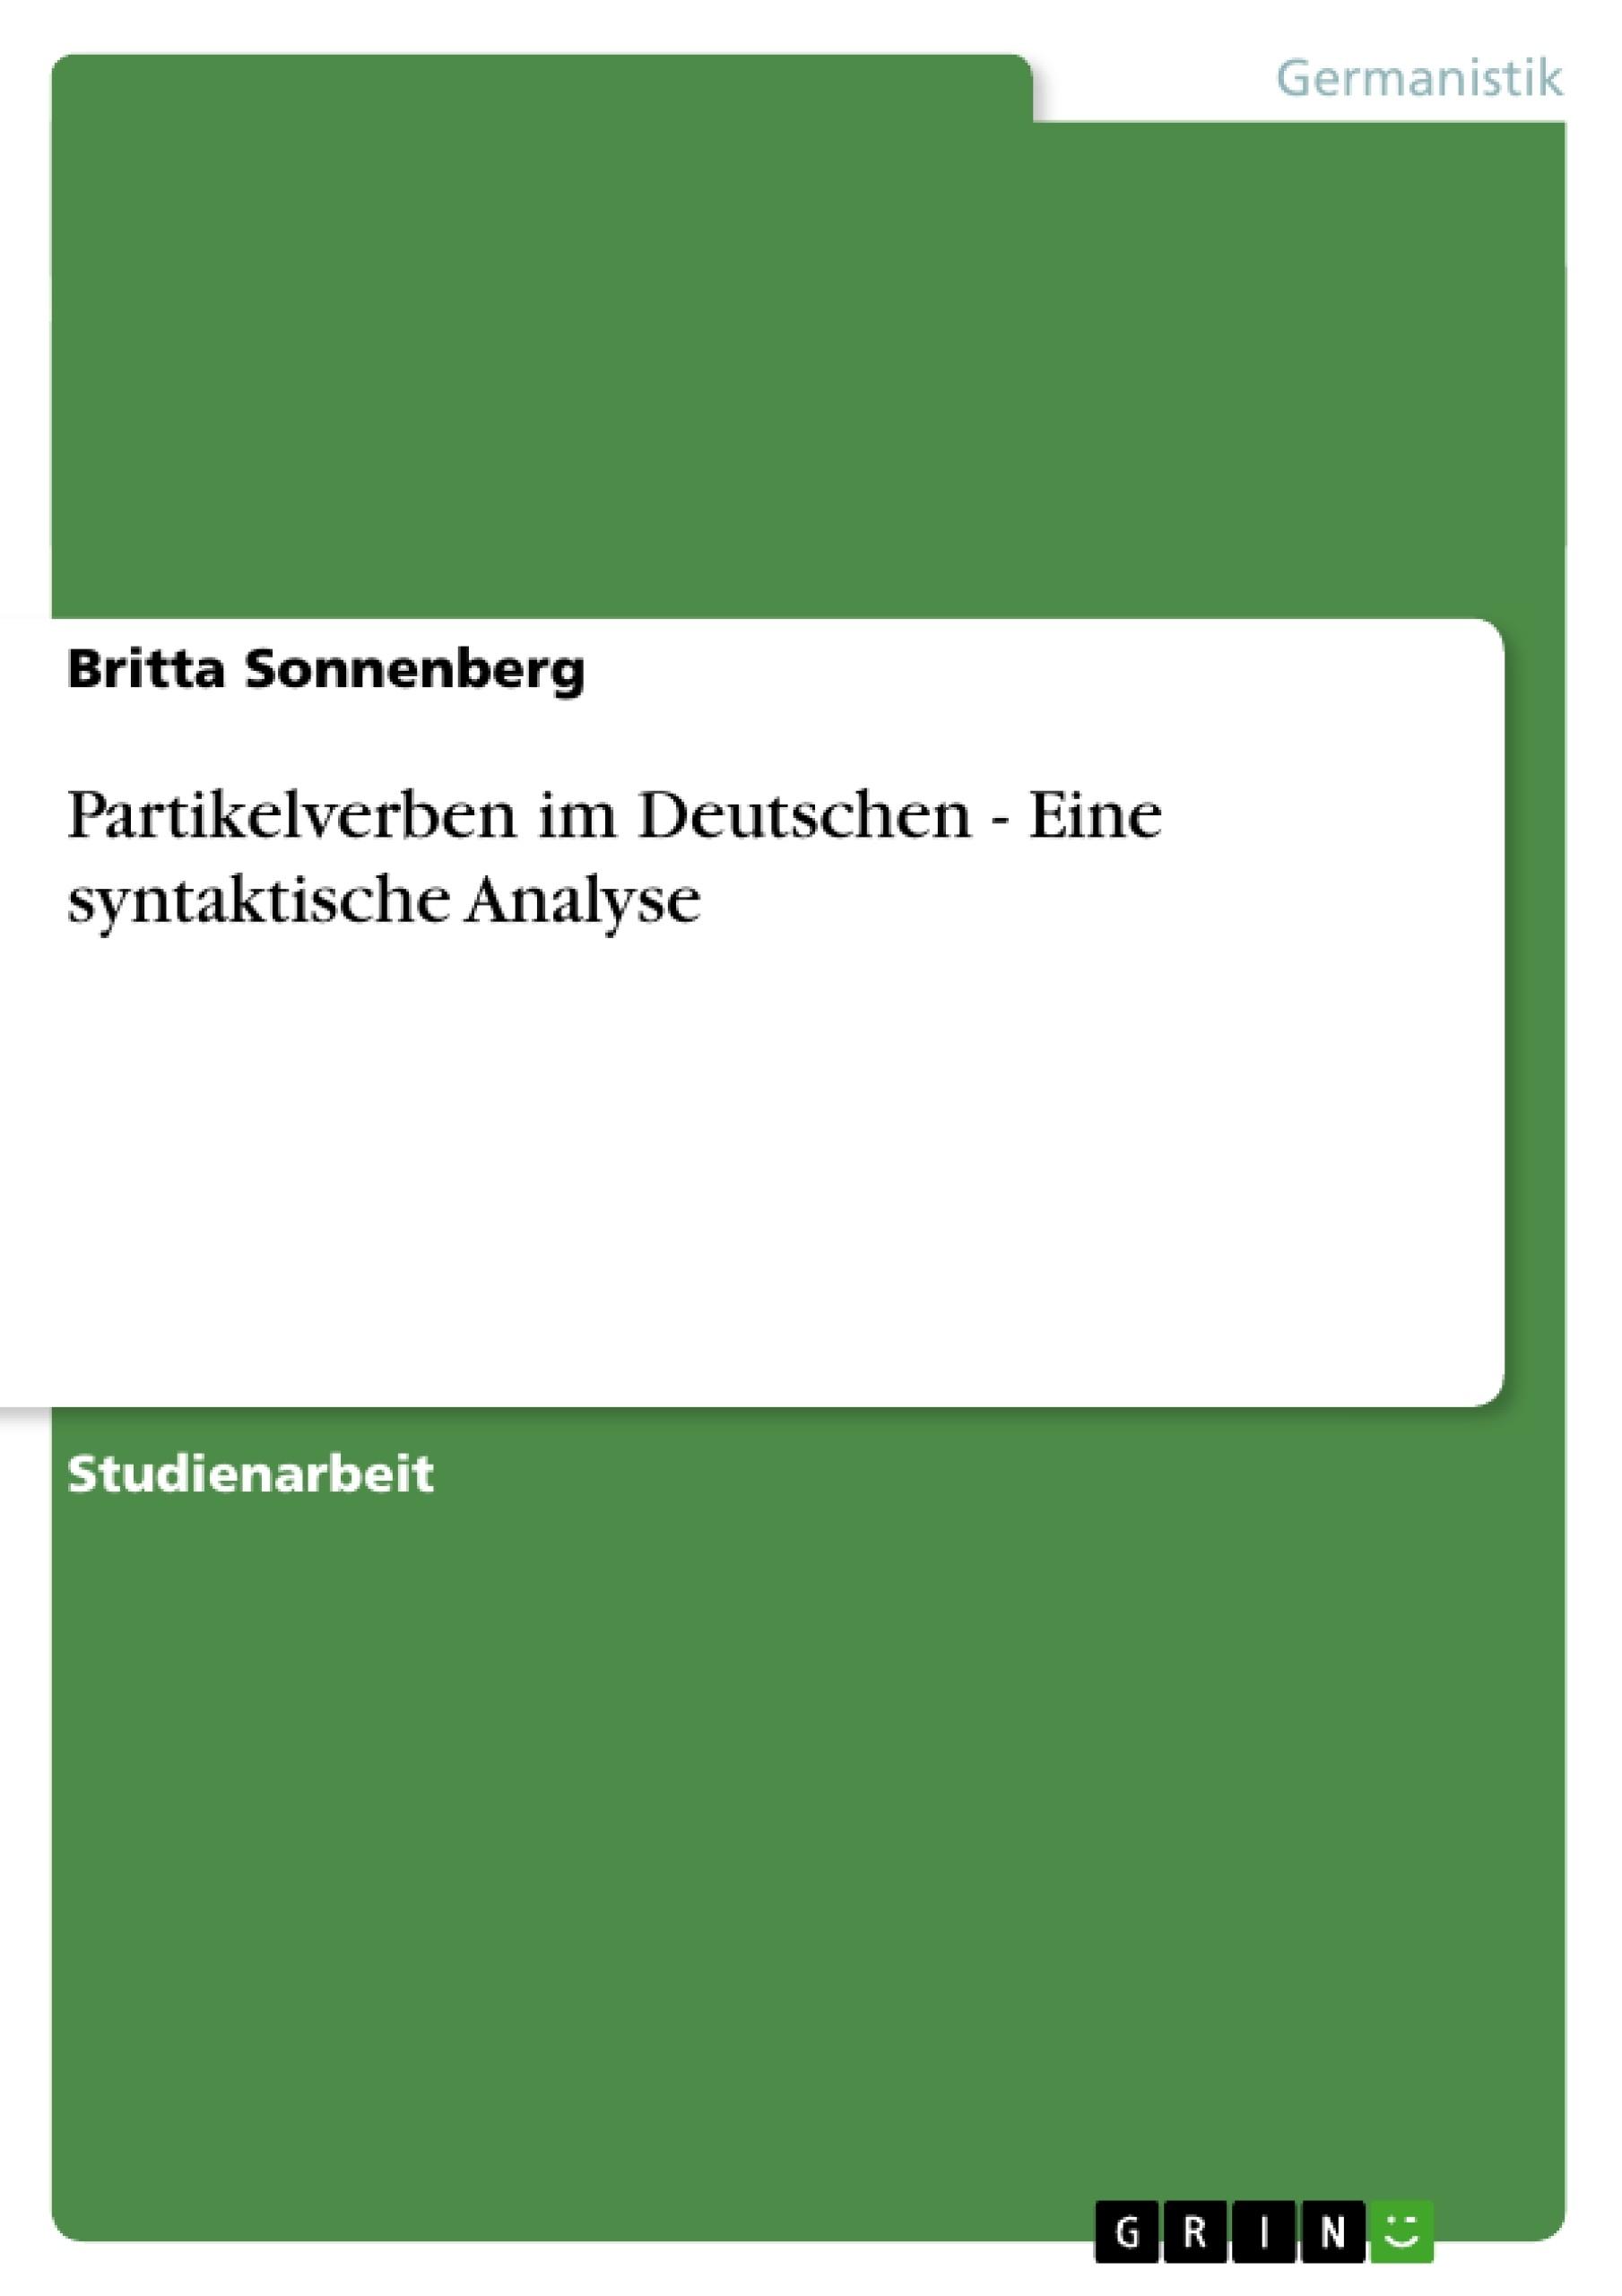 Titel: Partikelverben im Deutschen - Eine syntaktische Analyse